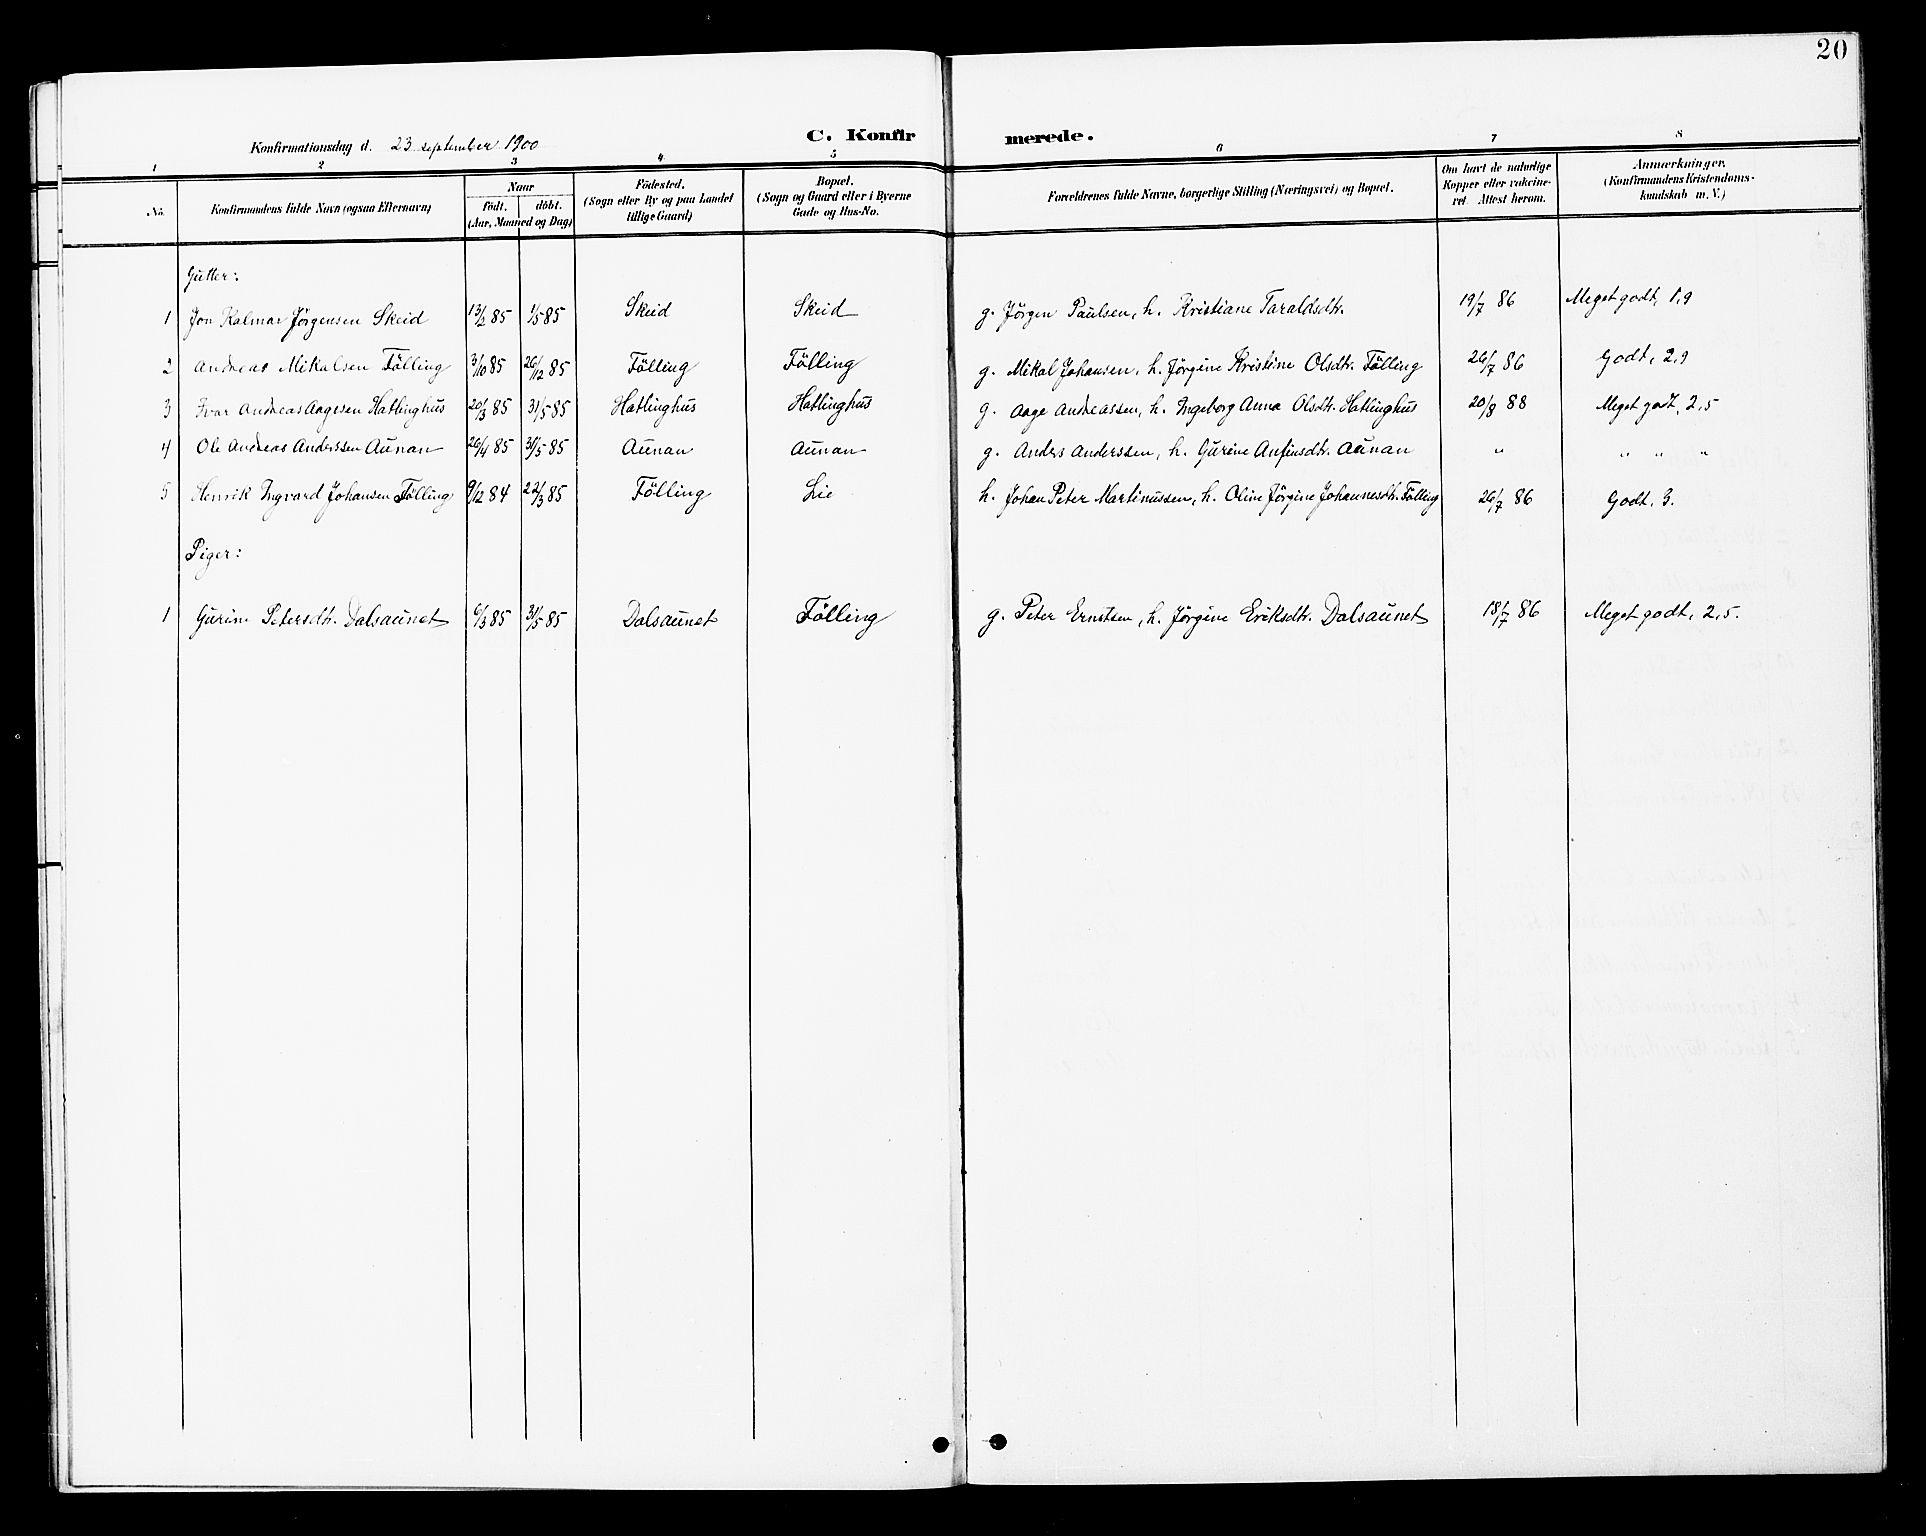 SAT, Ministerialprotokoller, klokkerbøker og fødselsregistre - Nord-Trøndelag, 748/L0464: Ministerialbok nr. 748A01, 1900-1908, s. 20